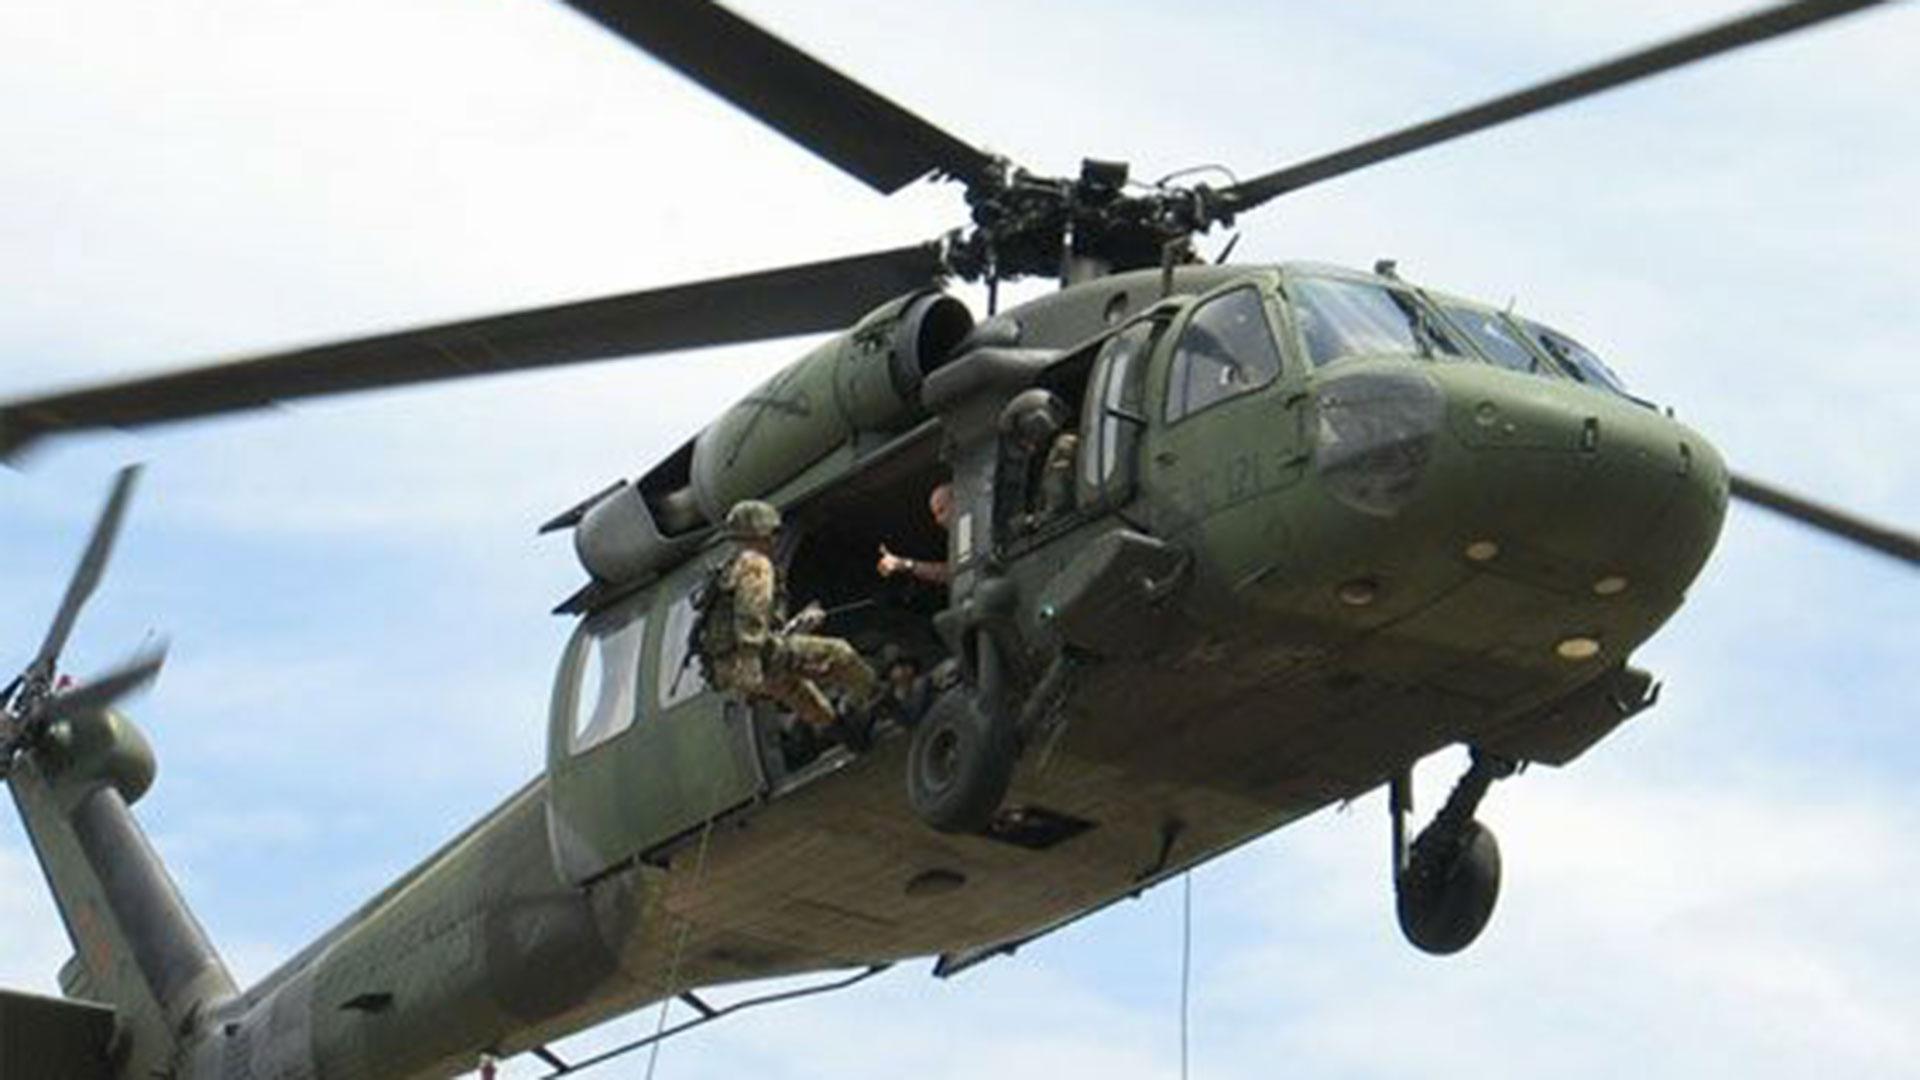 Unas 500 personas de Argelia retuvieron por horas a 60 militares e investigadores de la Fiscalía exigiendo la devolución de droga y armas incautadas, que ya estaban dentro de un helicóptero.